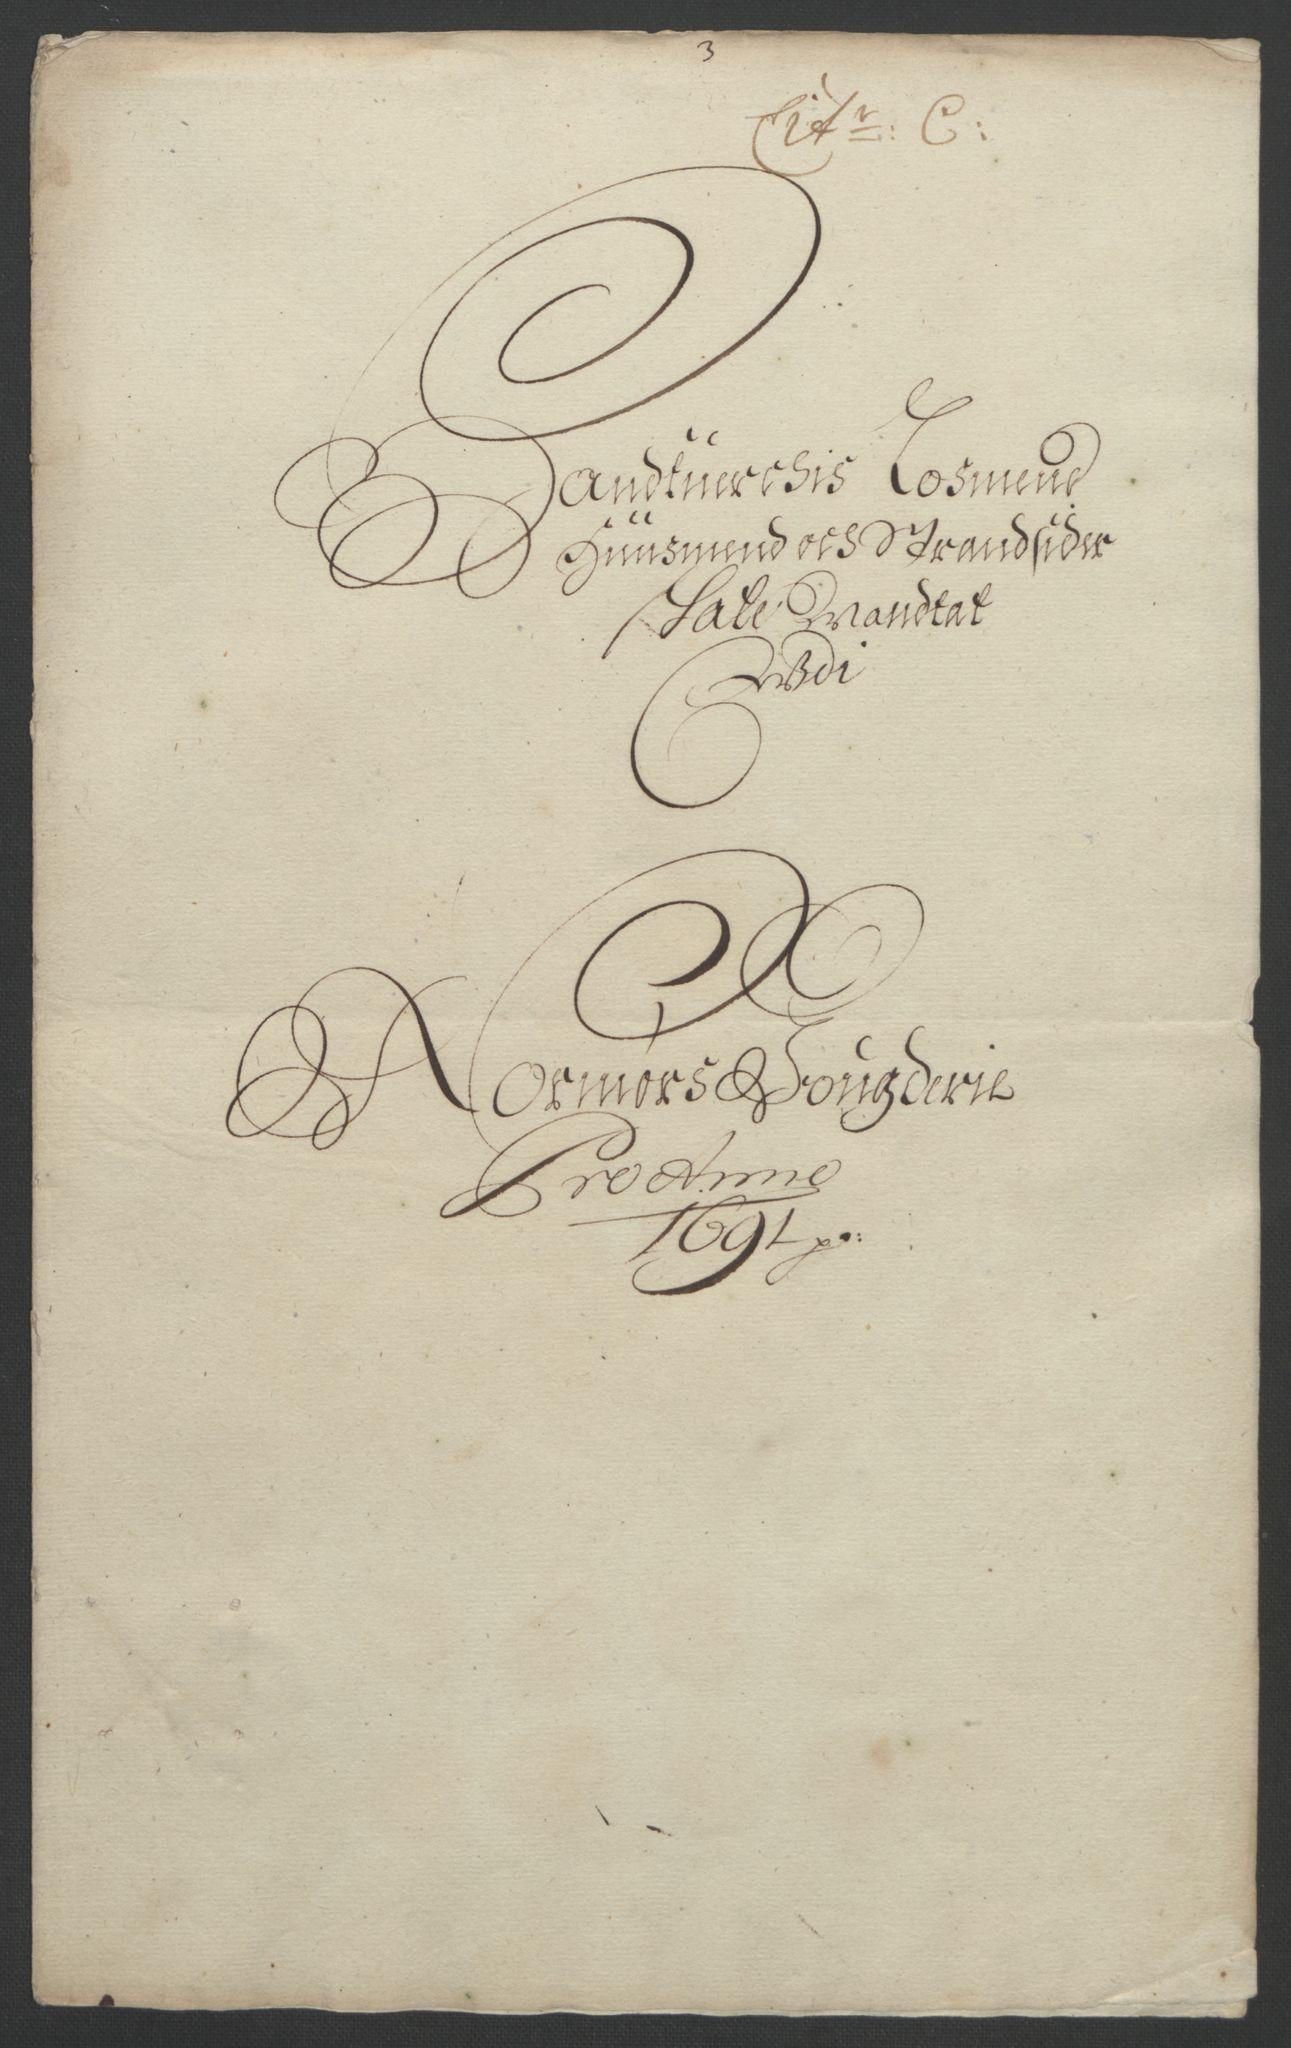 RA, Rentekammeret inntil 1814, Reviderte regnskaper, Fogderegnskap, R56/L3734: Fogderegnskap Nordmøre, 1690-1691, s. 294